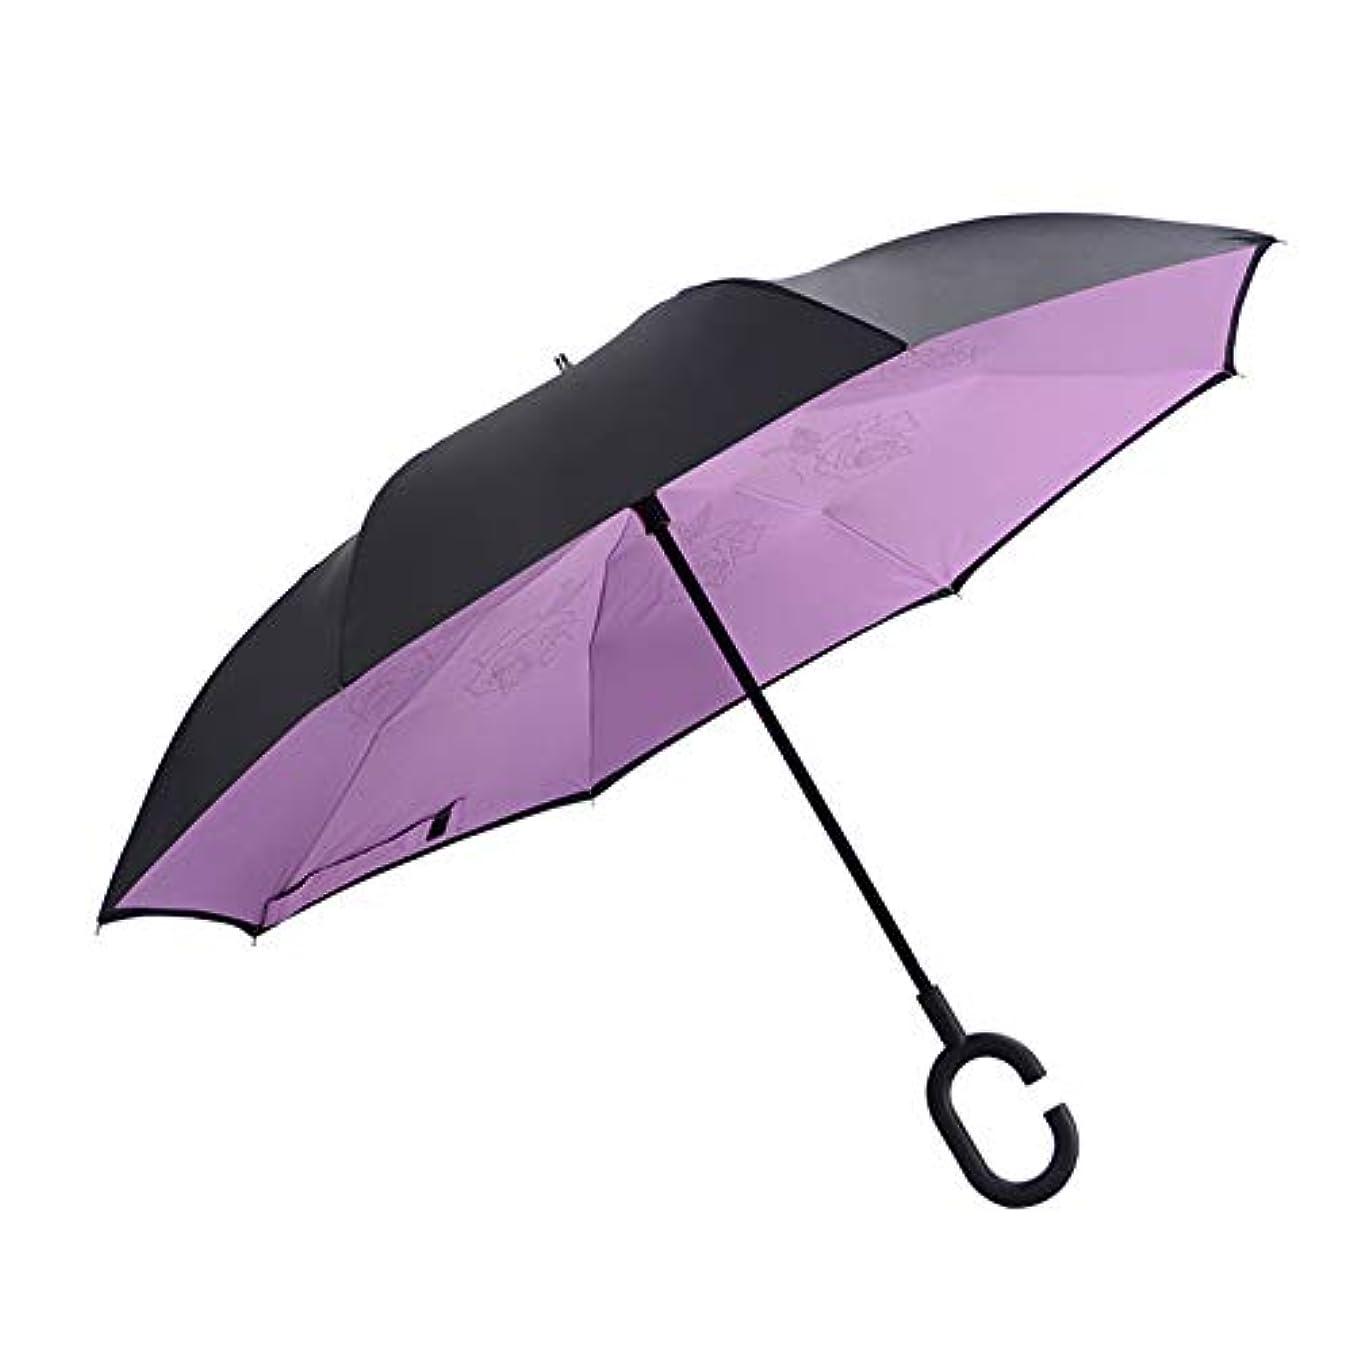 聖域良性ハイランド傘逆逆防風の傘、コンパクトな旅行の雨の傘、C 字型のハンドルを持つ自動開閉、8リブ、車と屋外での使用